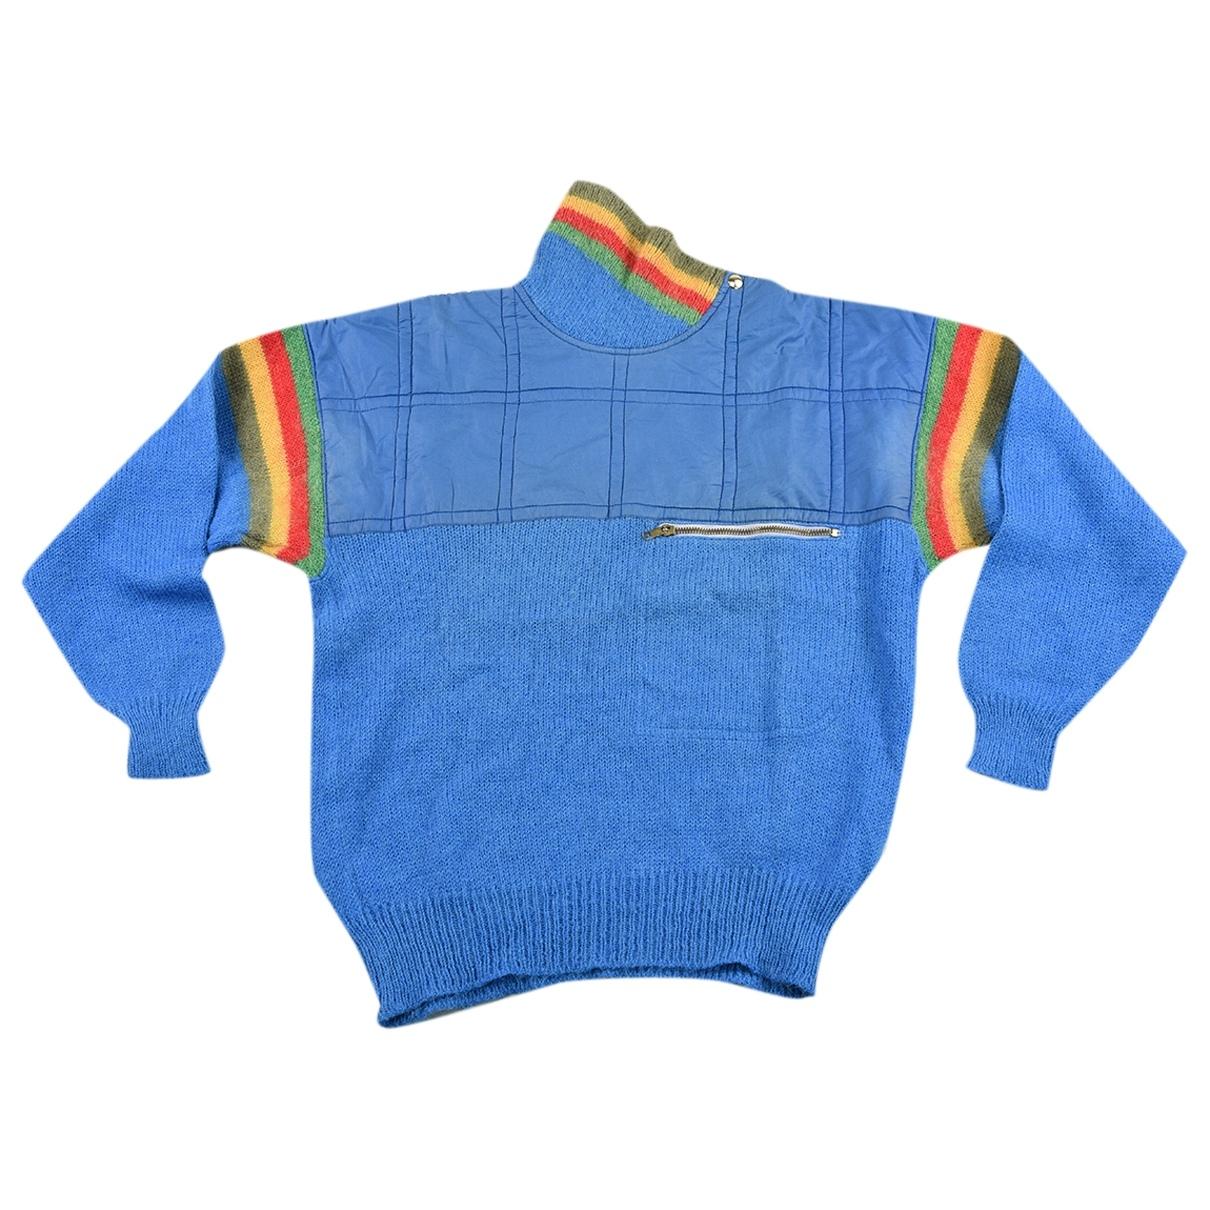 Jc De Castelbajac \N Blue Knitwear & Sweatshirts for Men 44 IT